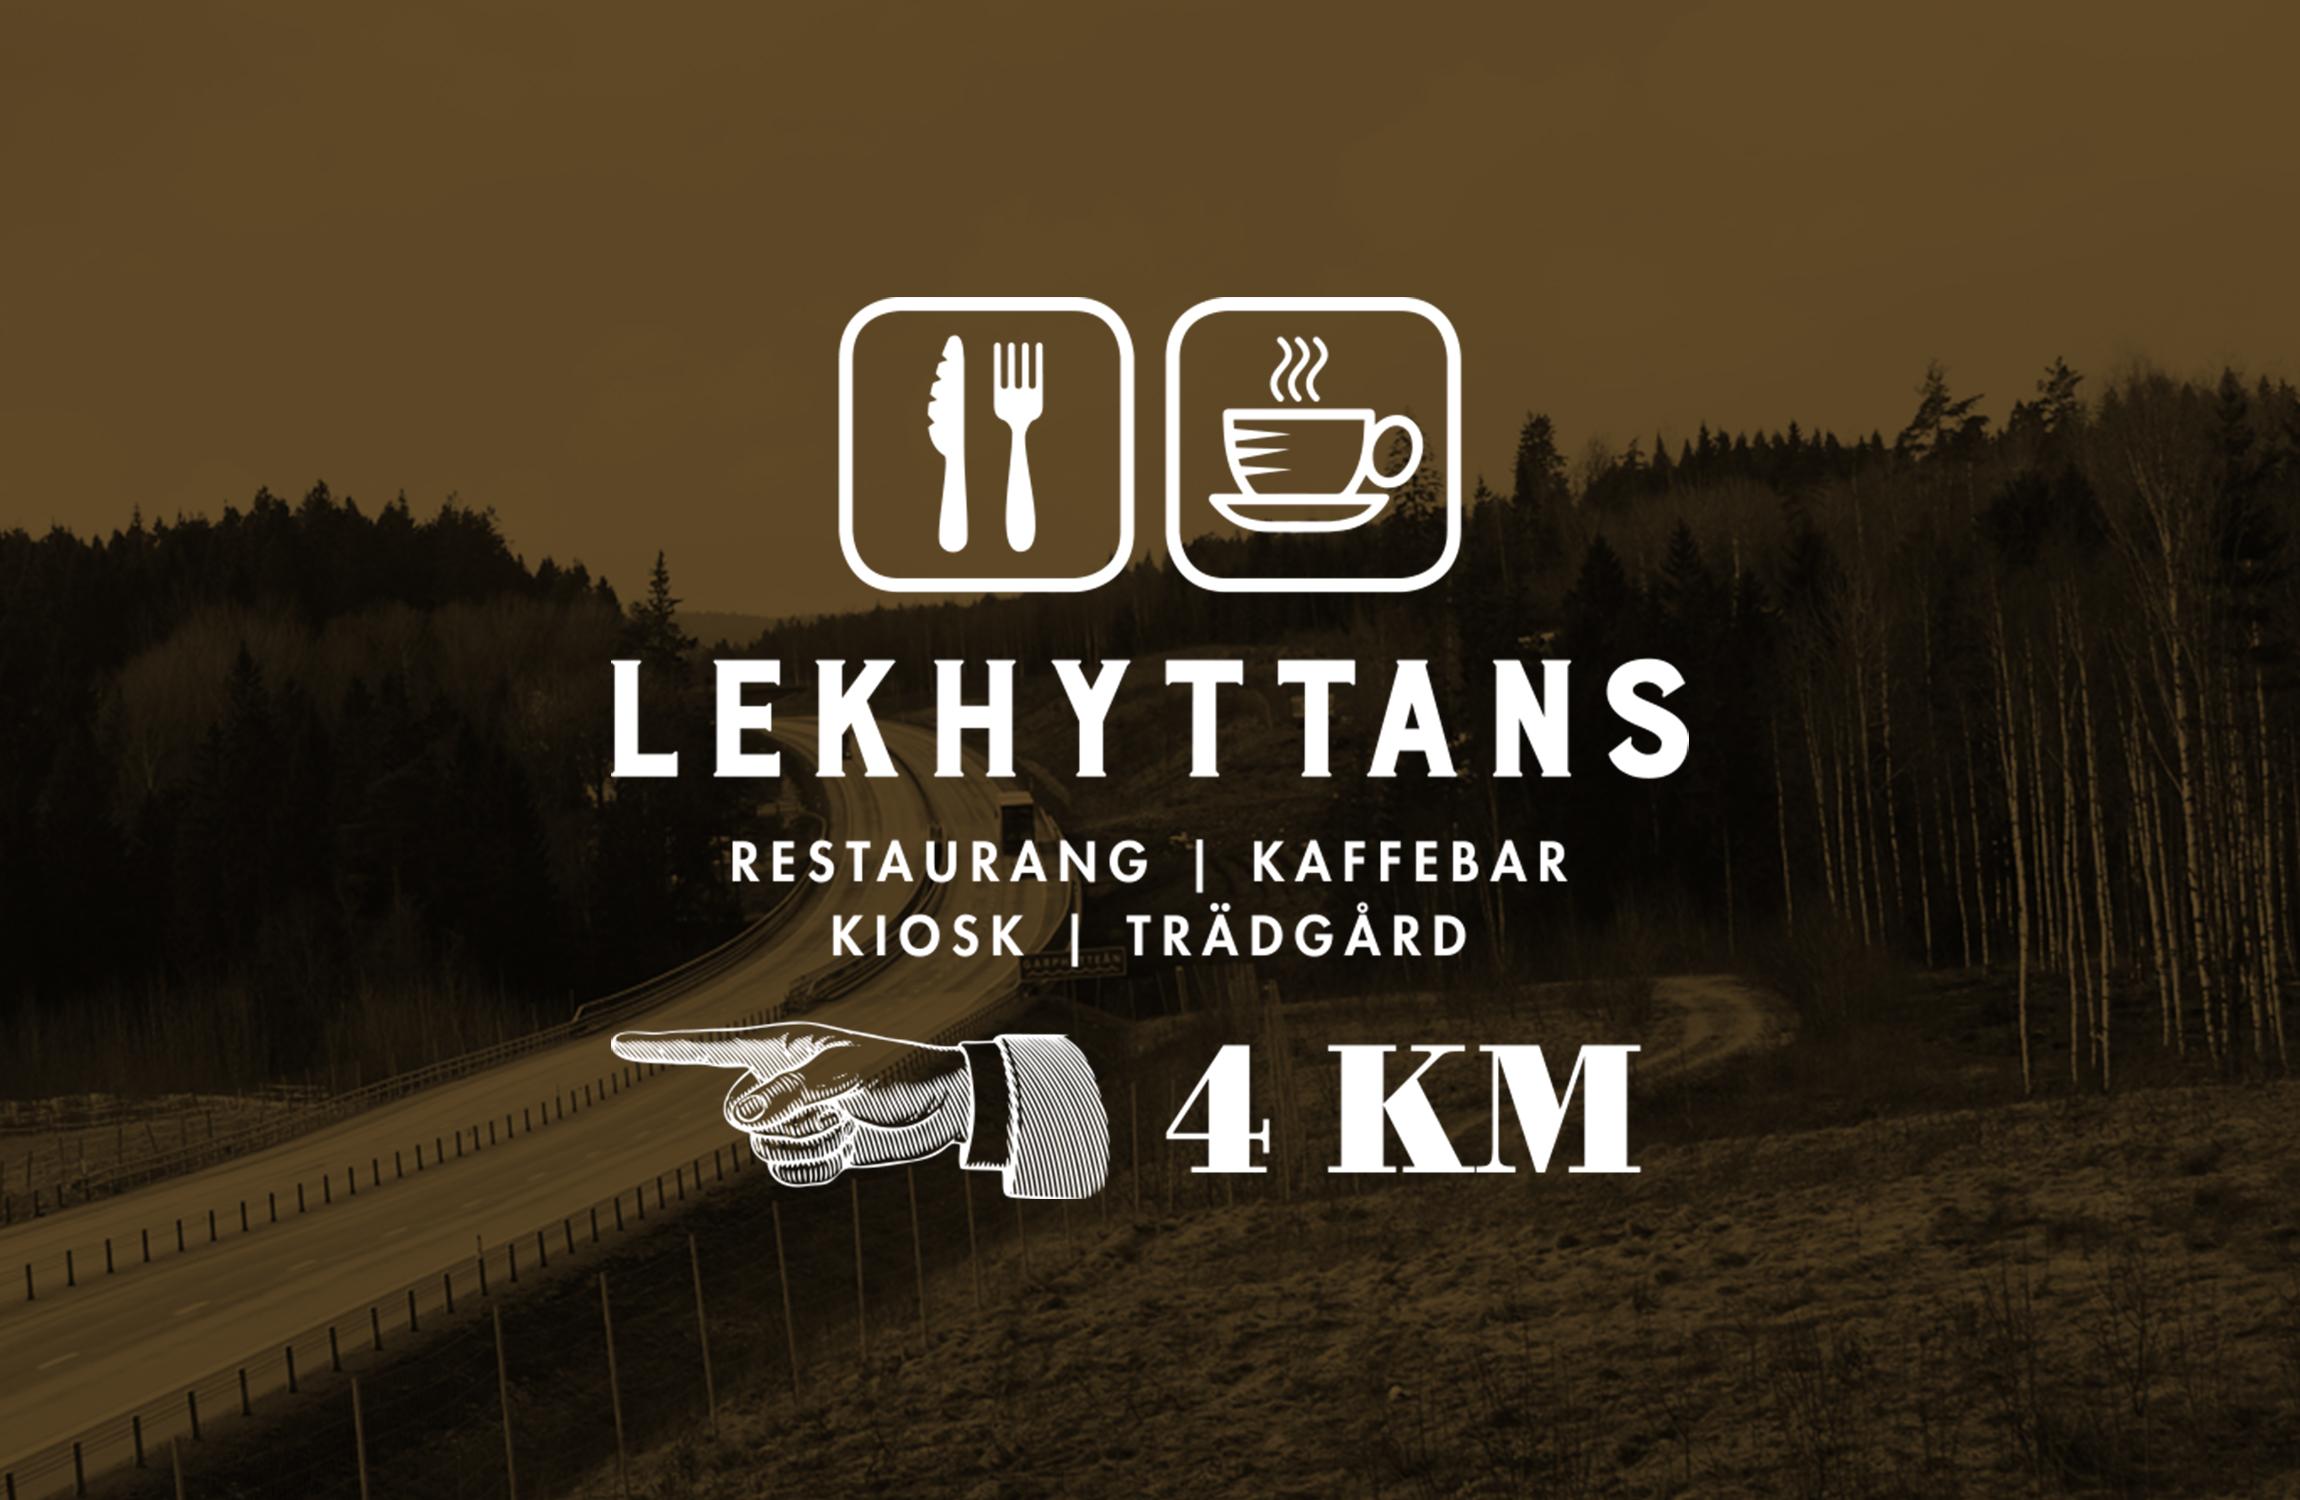 lekhyttan_vag